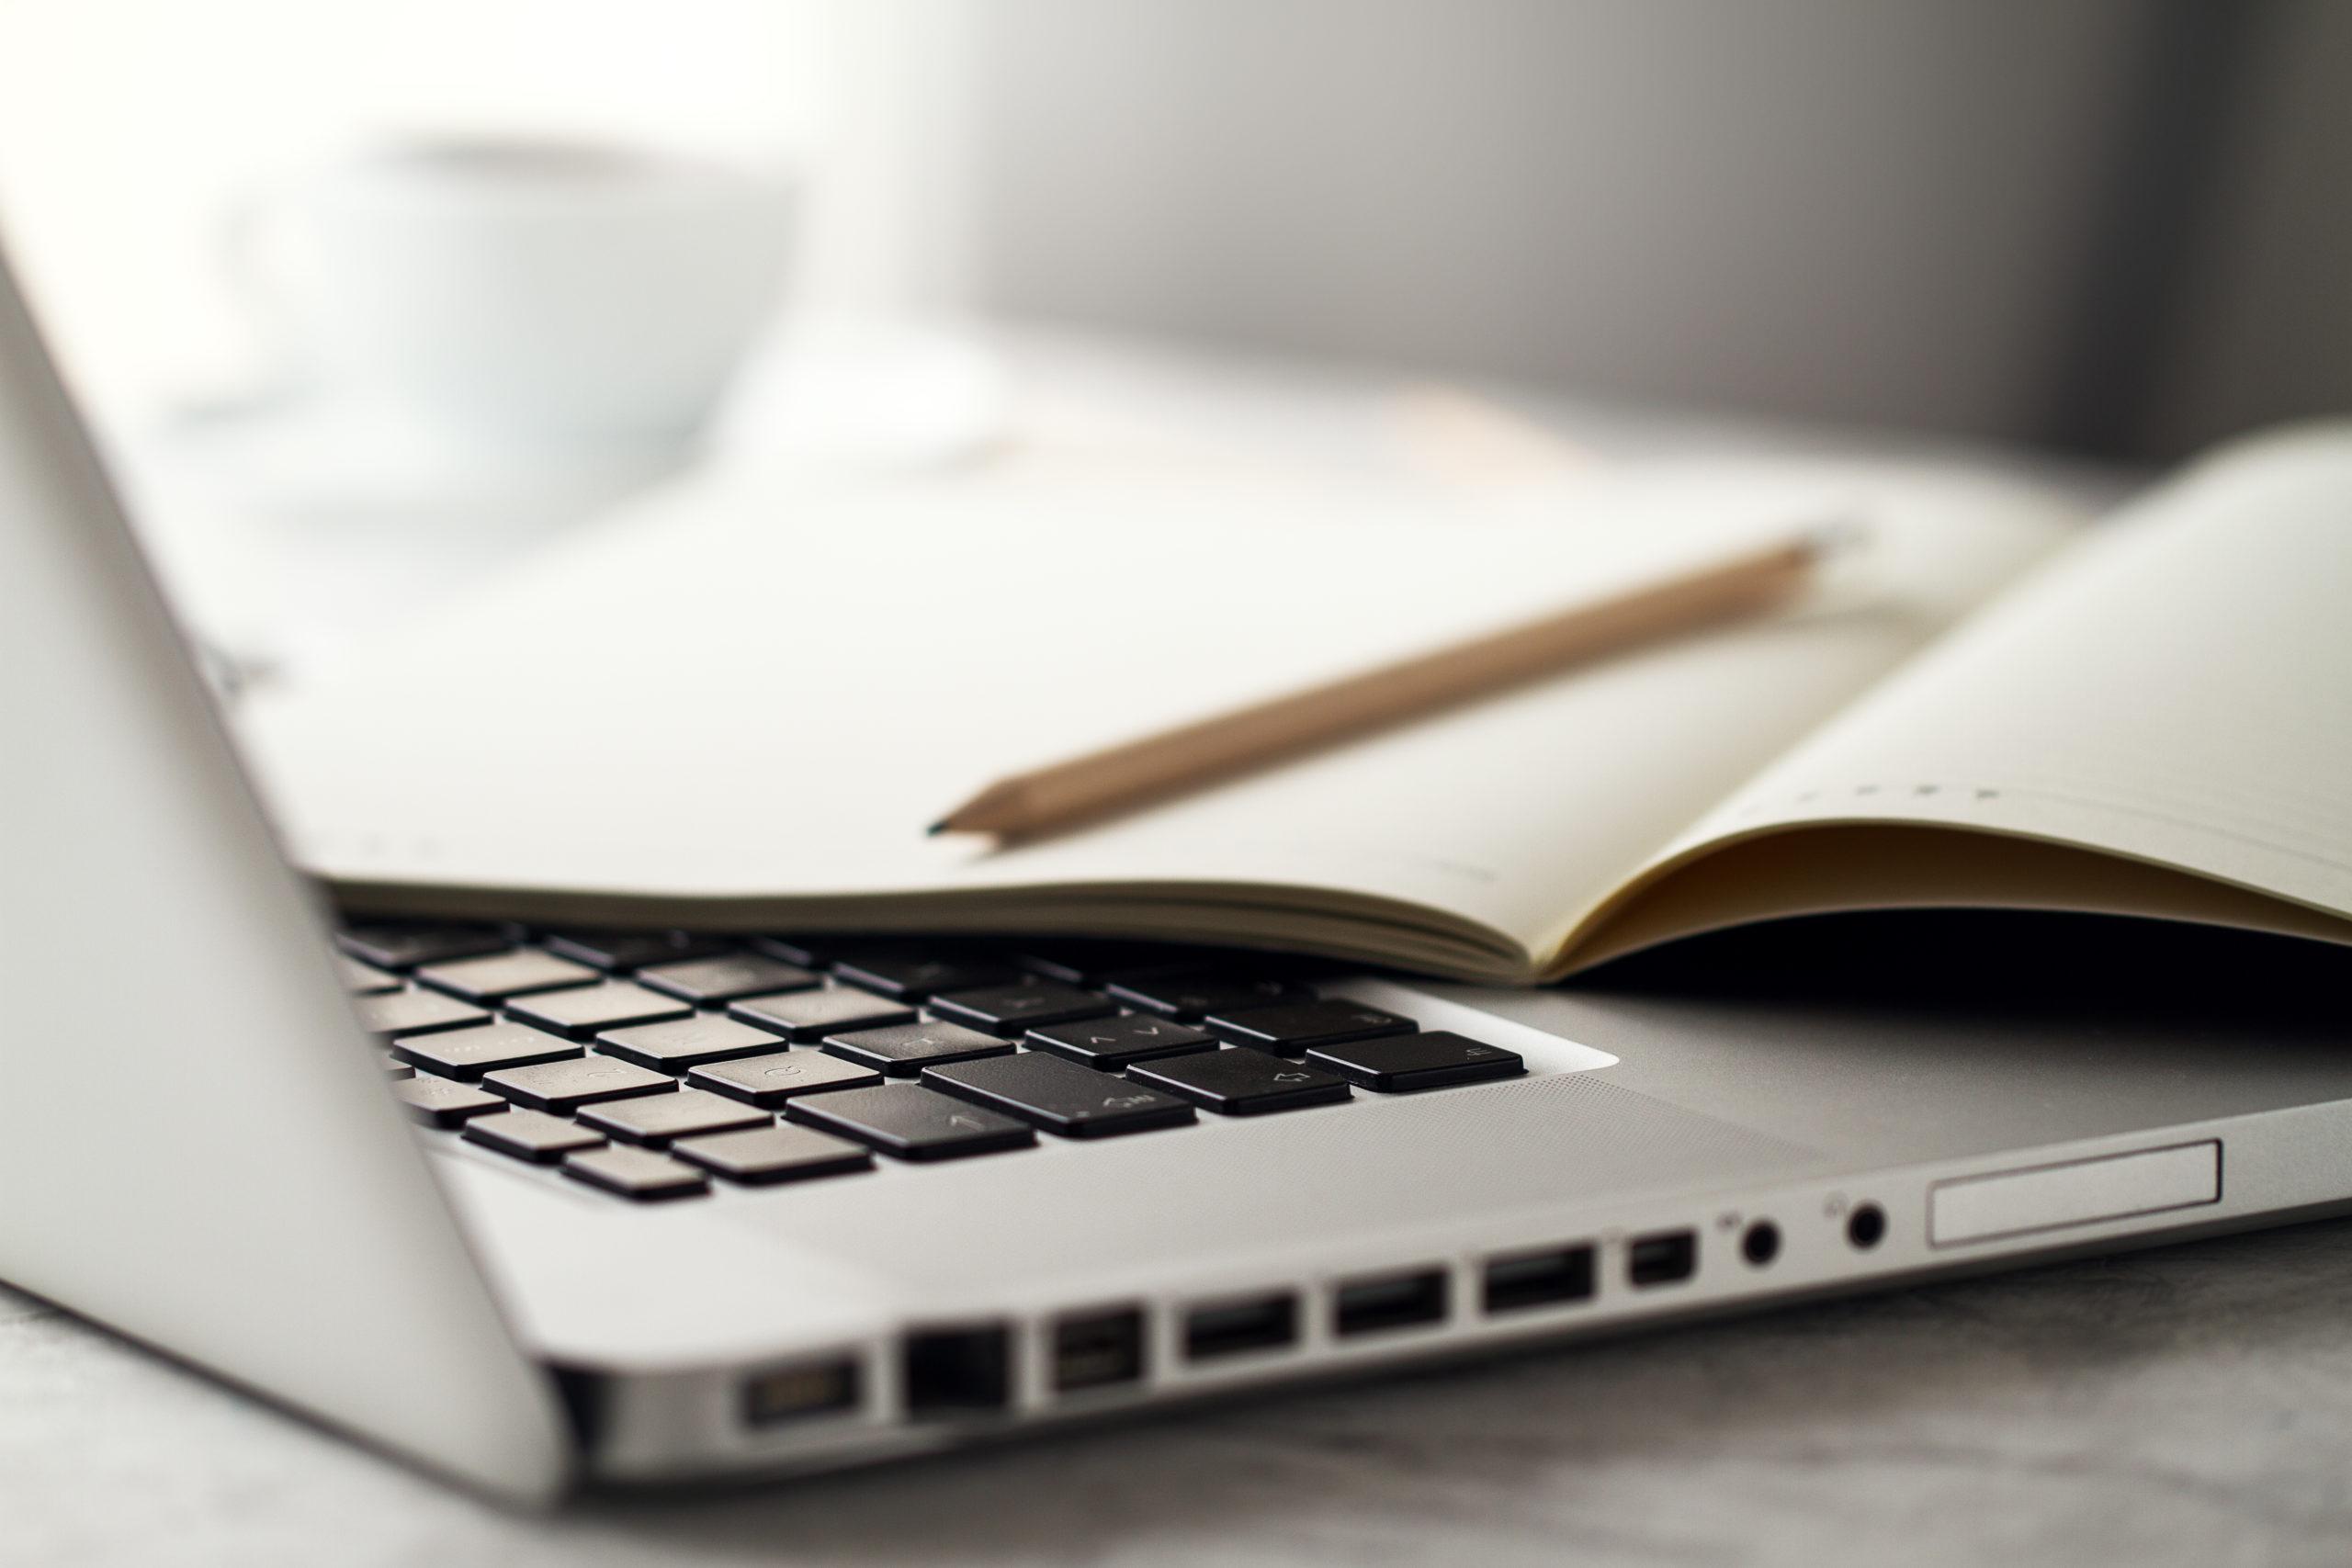 #BelajarBersamaGWP – Tips Menulis Sinopsis yang Bikin Naskahmu Dilirik Editor dan Penerbit